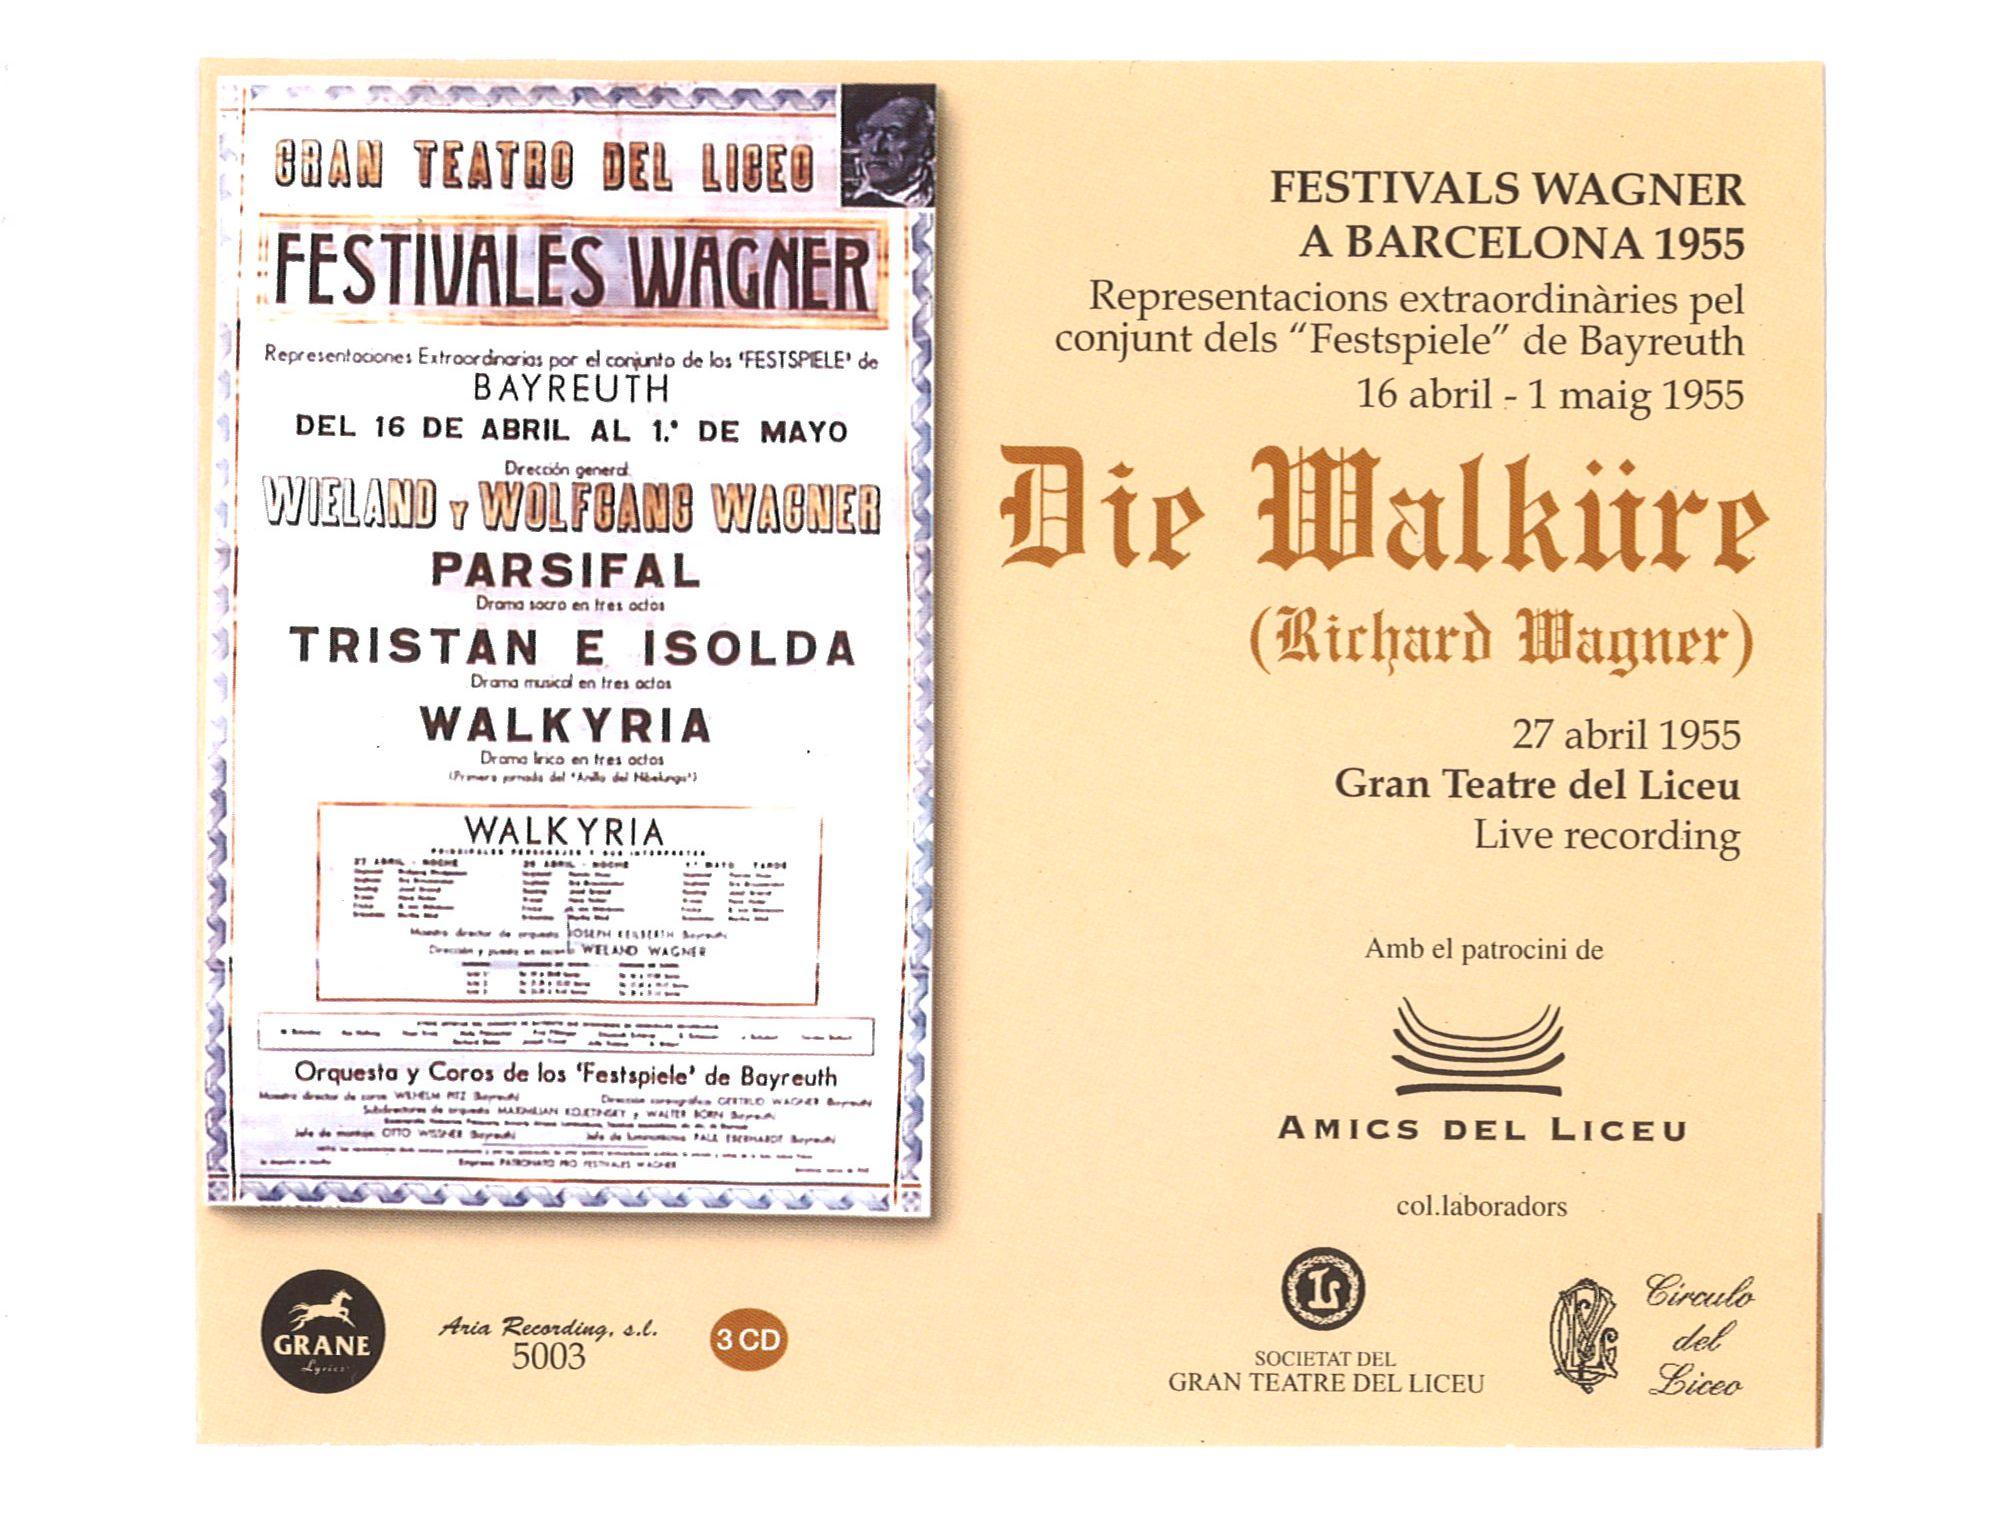 Die Walküre Del Festival De Bayreuth De 1955 Al Liceu Disponible A Spotify